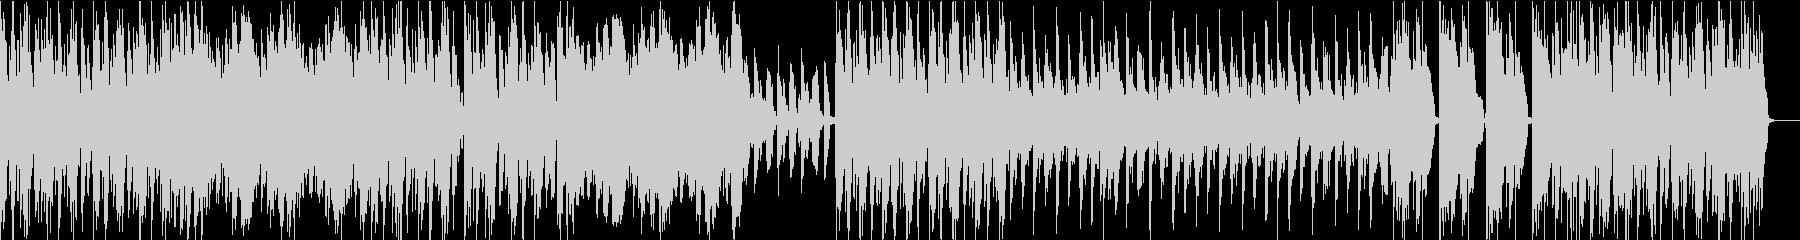 ショートブレイクジャズロックの未再生の波形